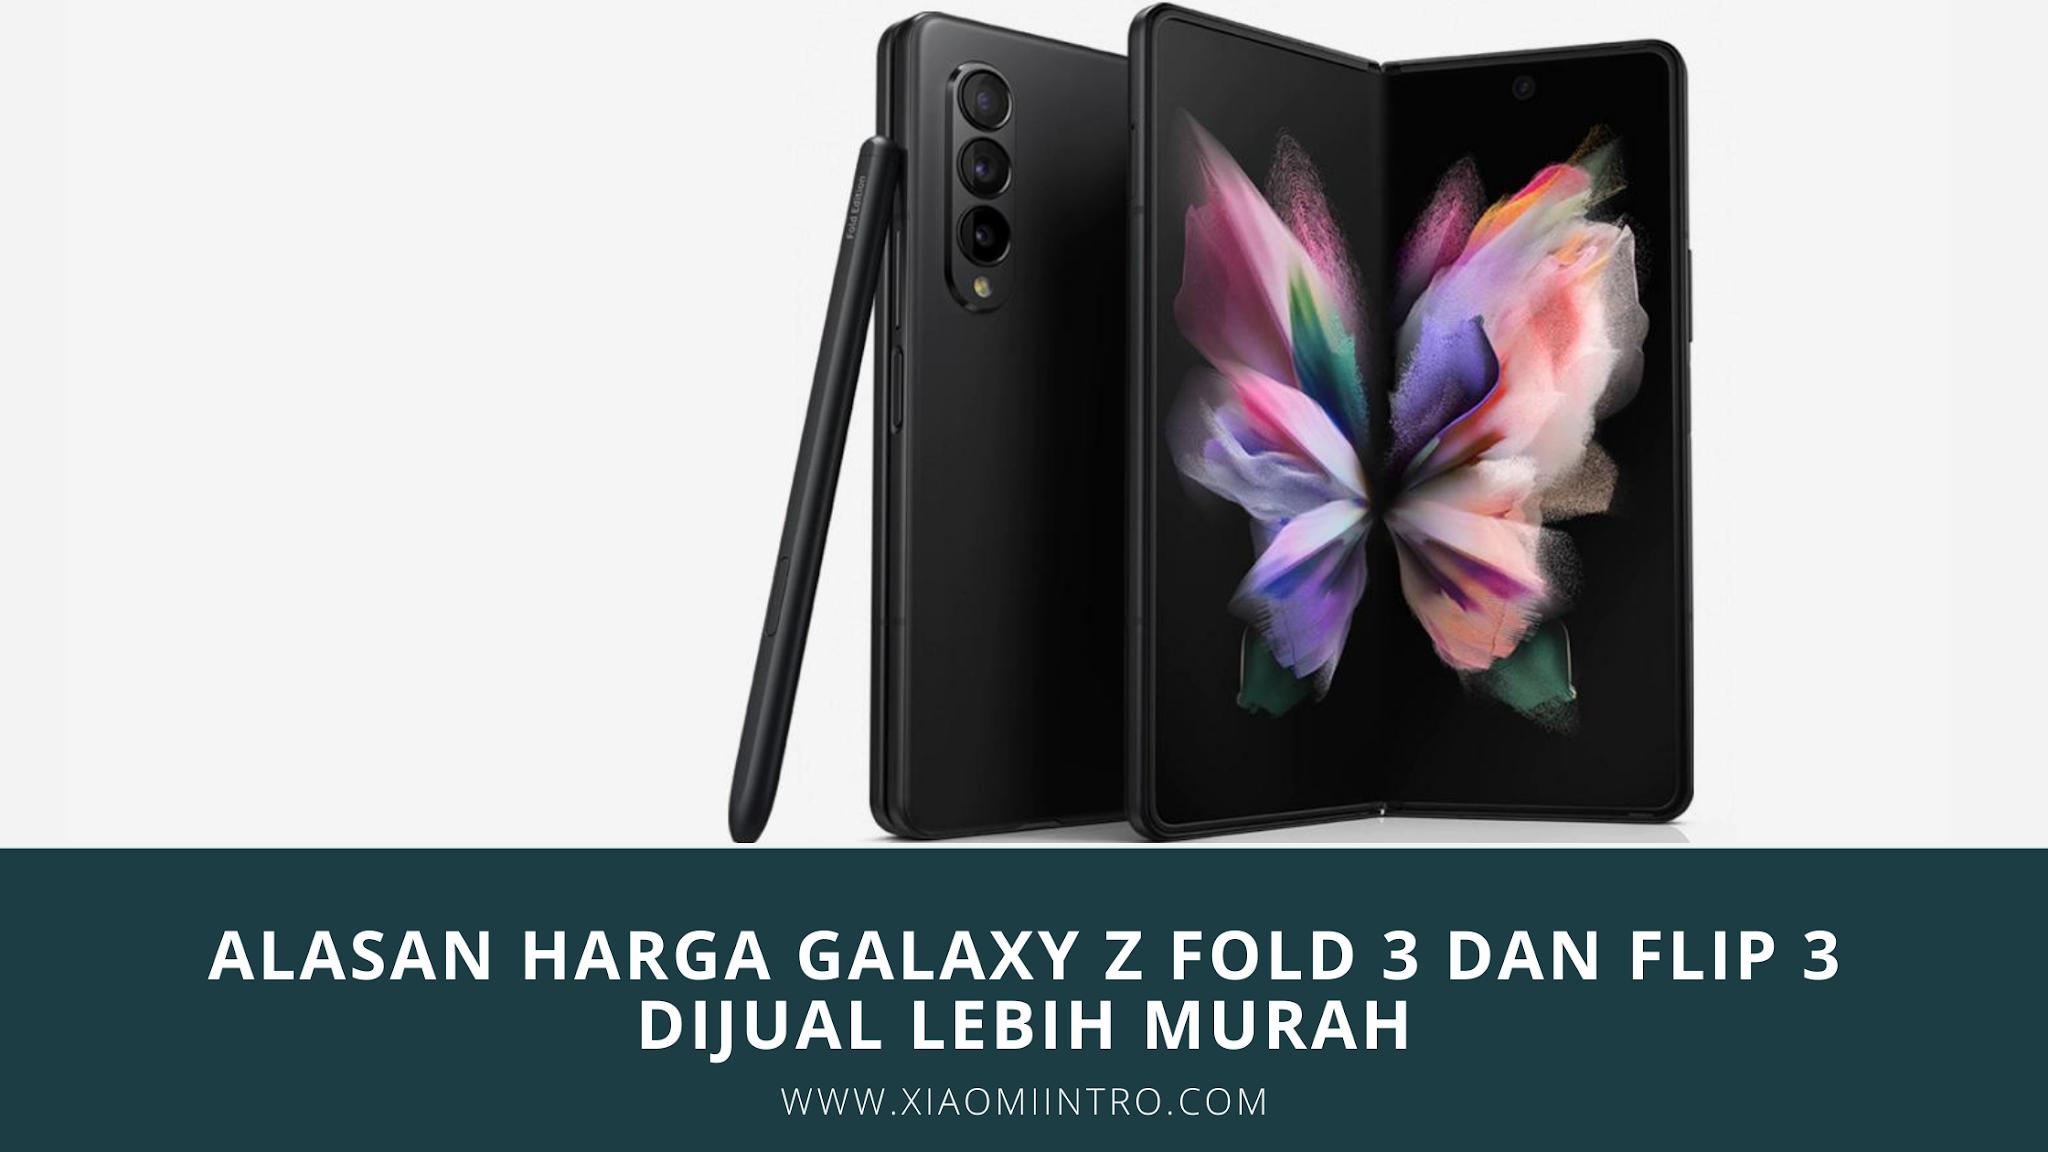 Alasan Harga Galaxy Z Fold 3 Dan Flip 3 Dijual Lebih Murah